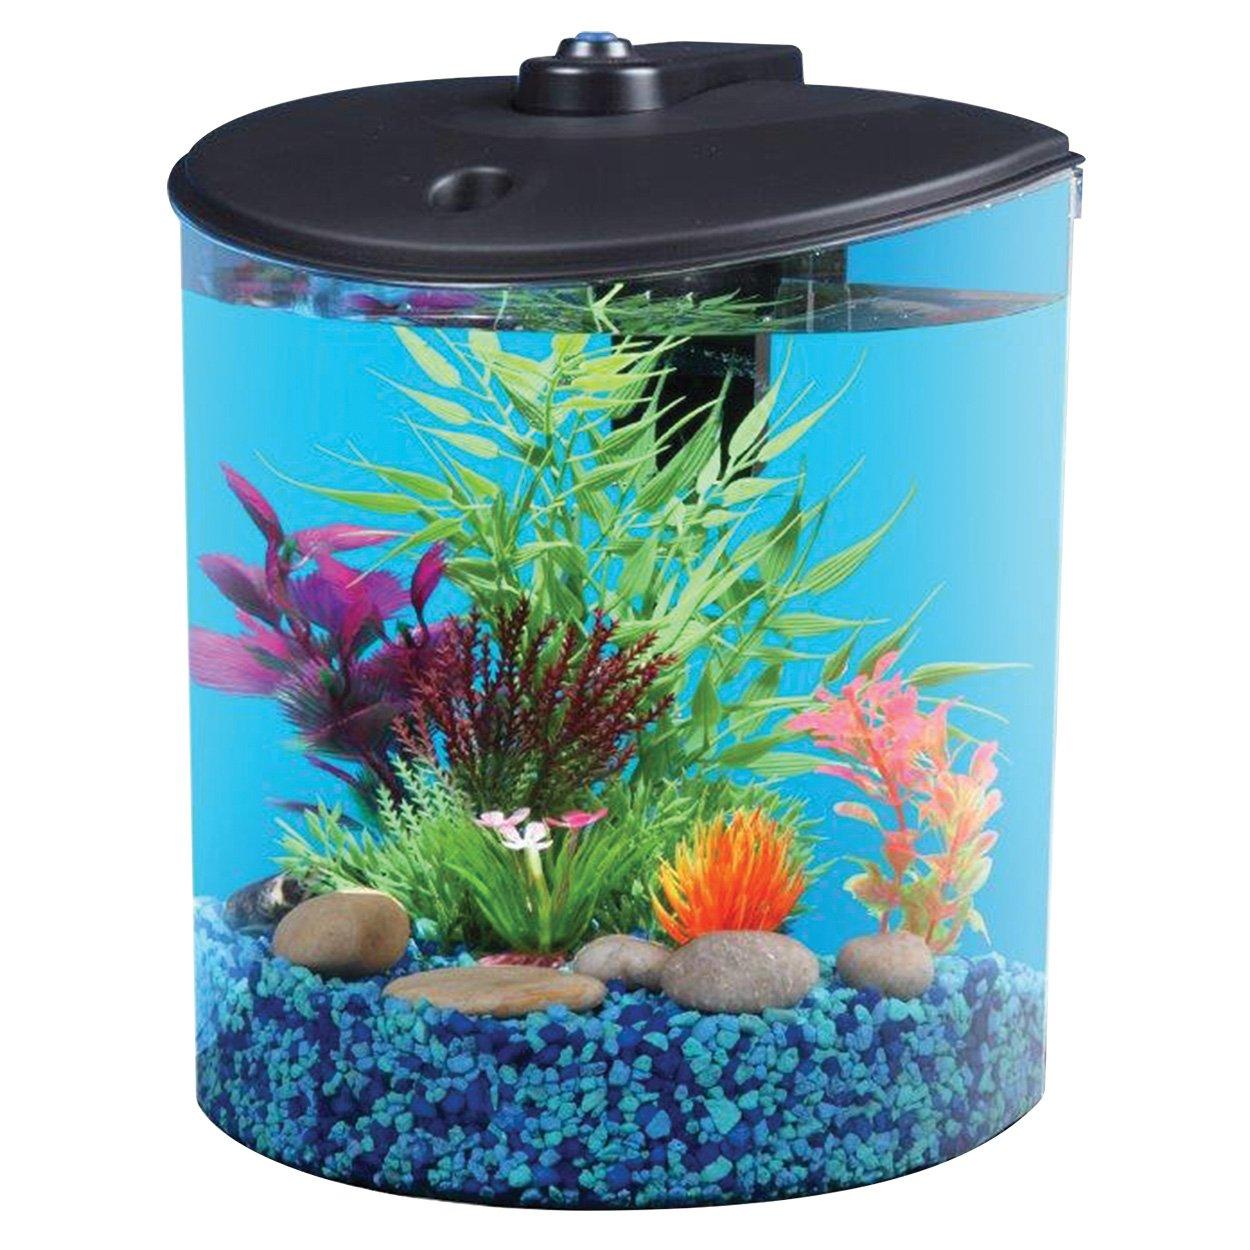 Kollercraft API 5897 180 176 View Aquarium Kit, 1.5 Gallon